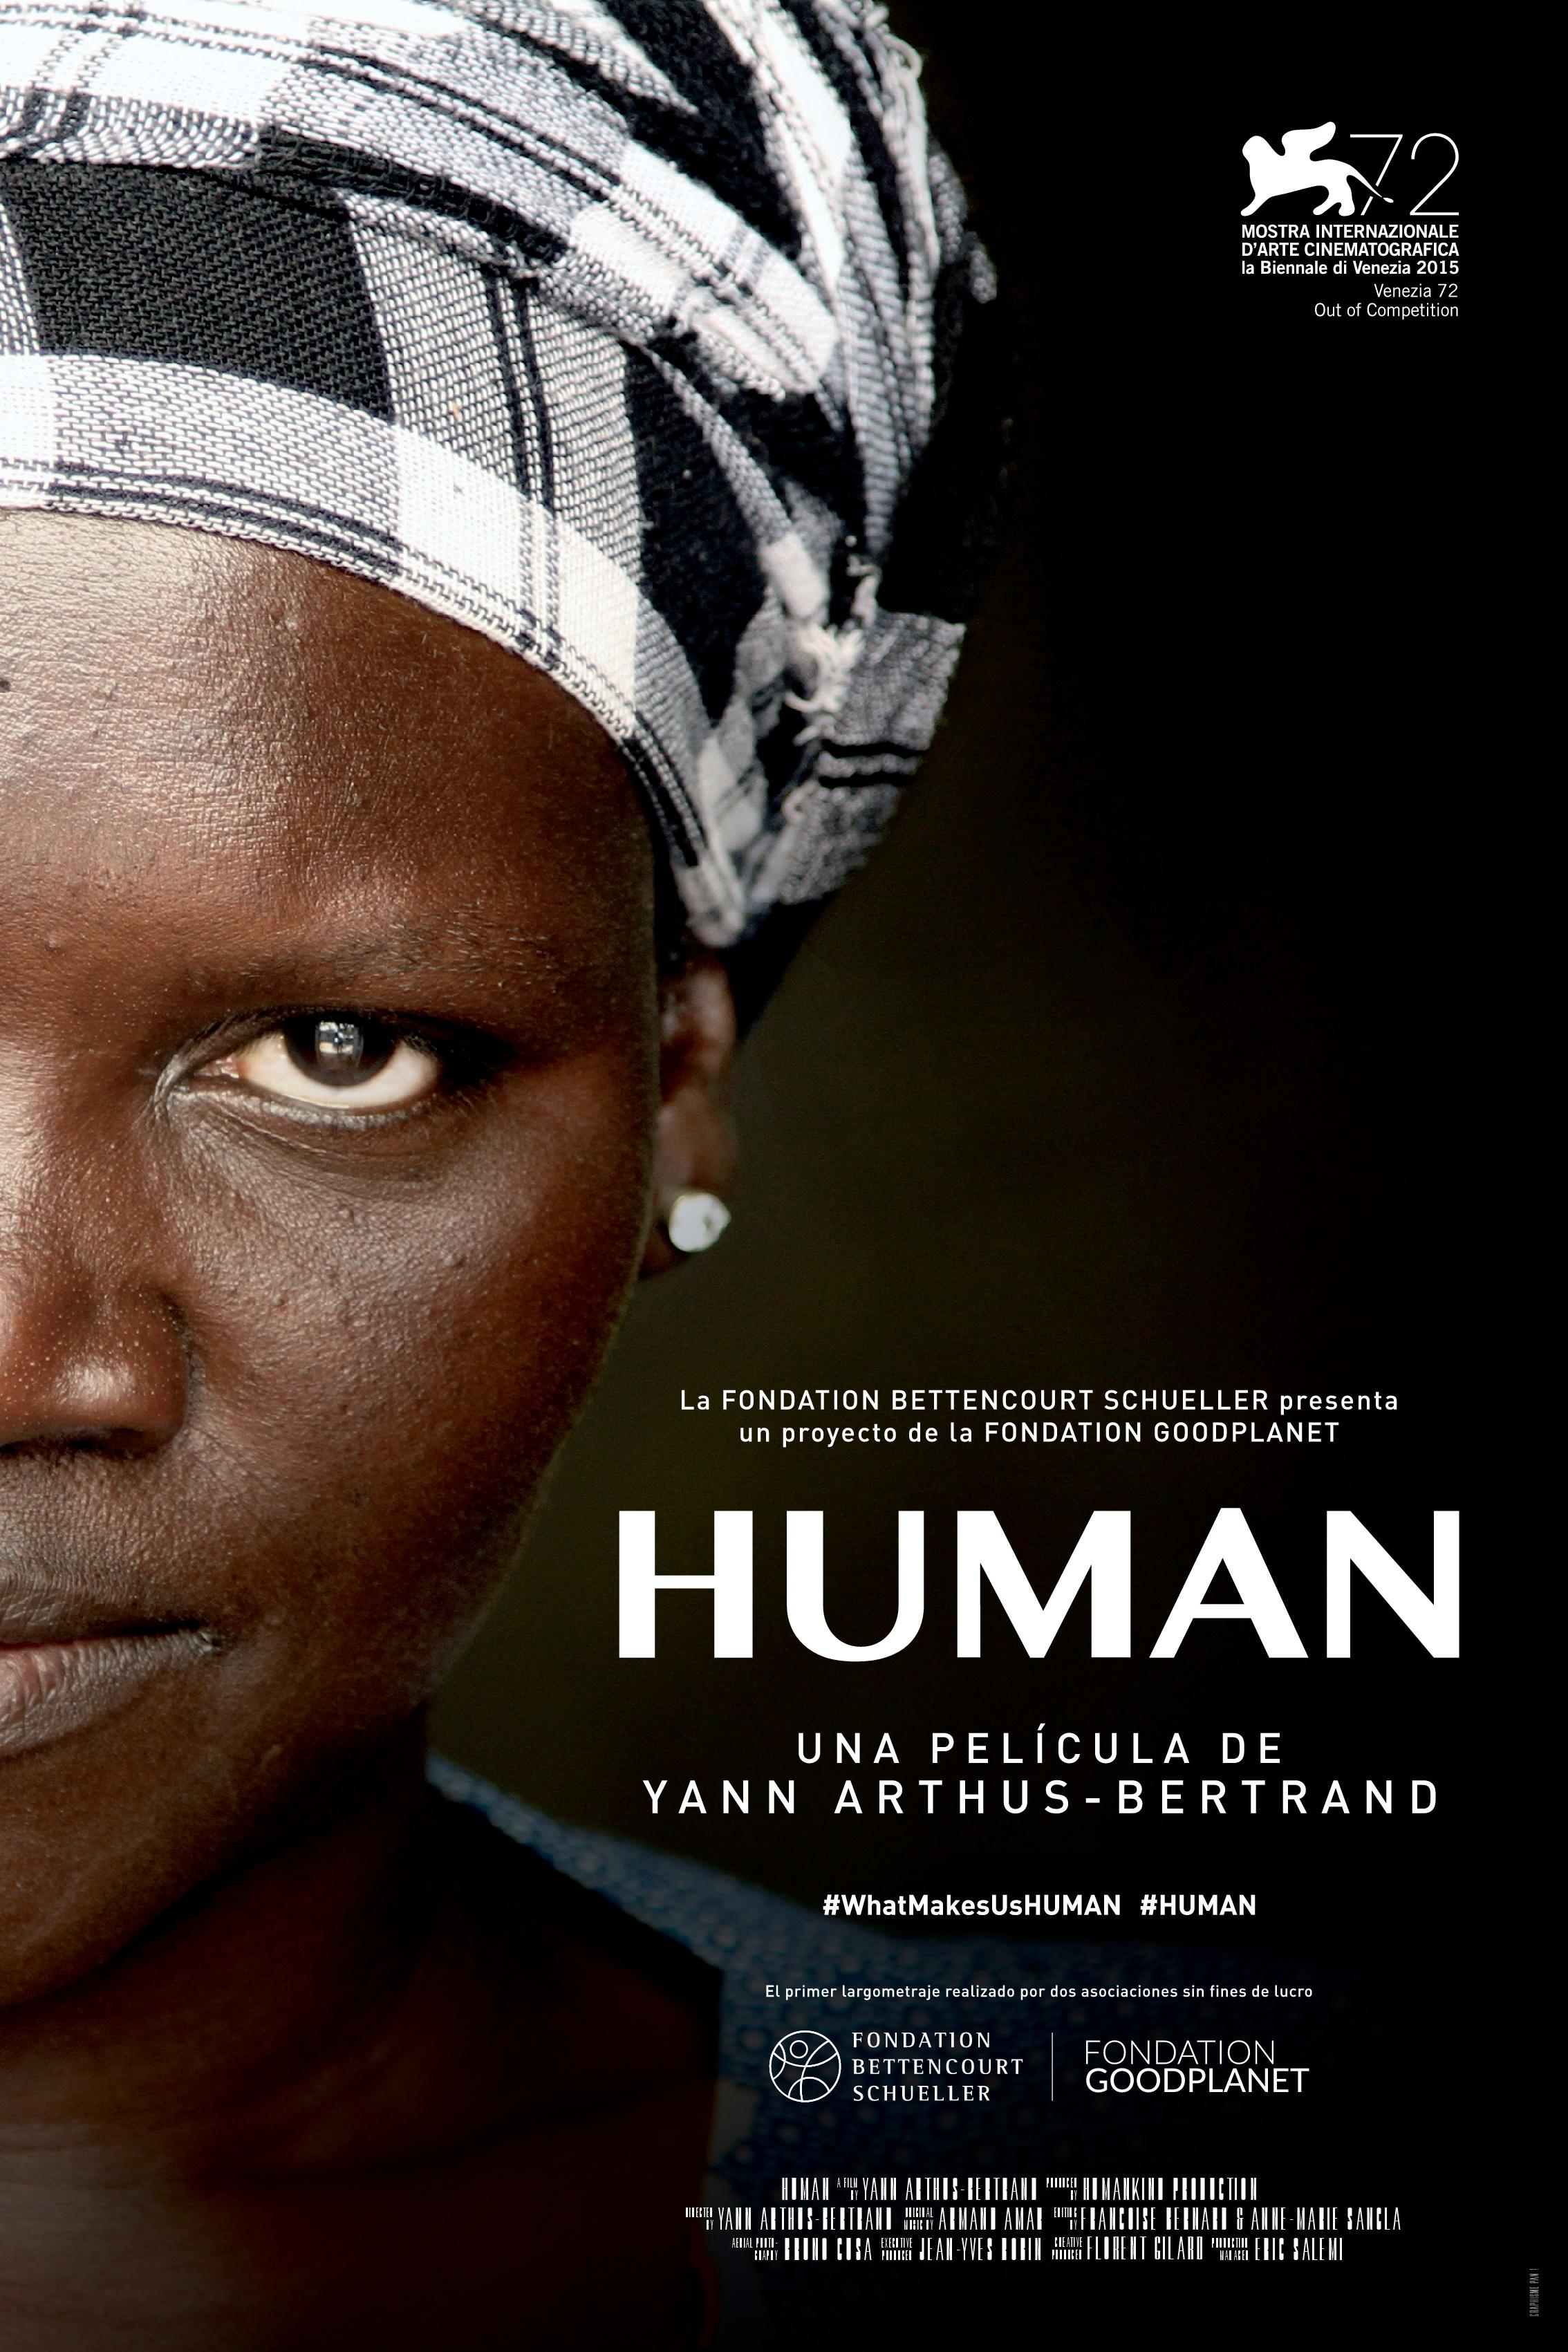 cartel-human-400x600-150dpi_es-001